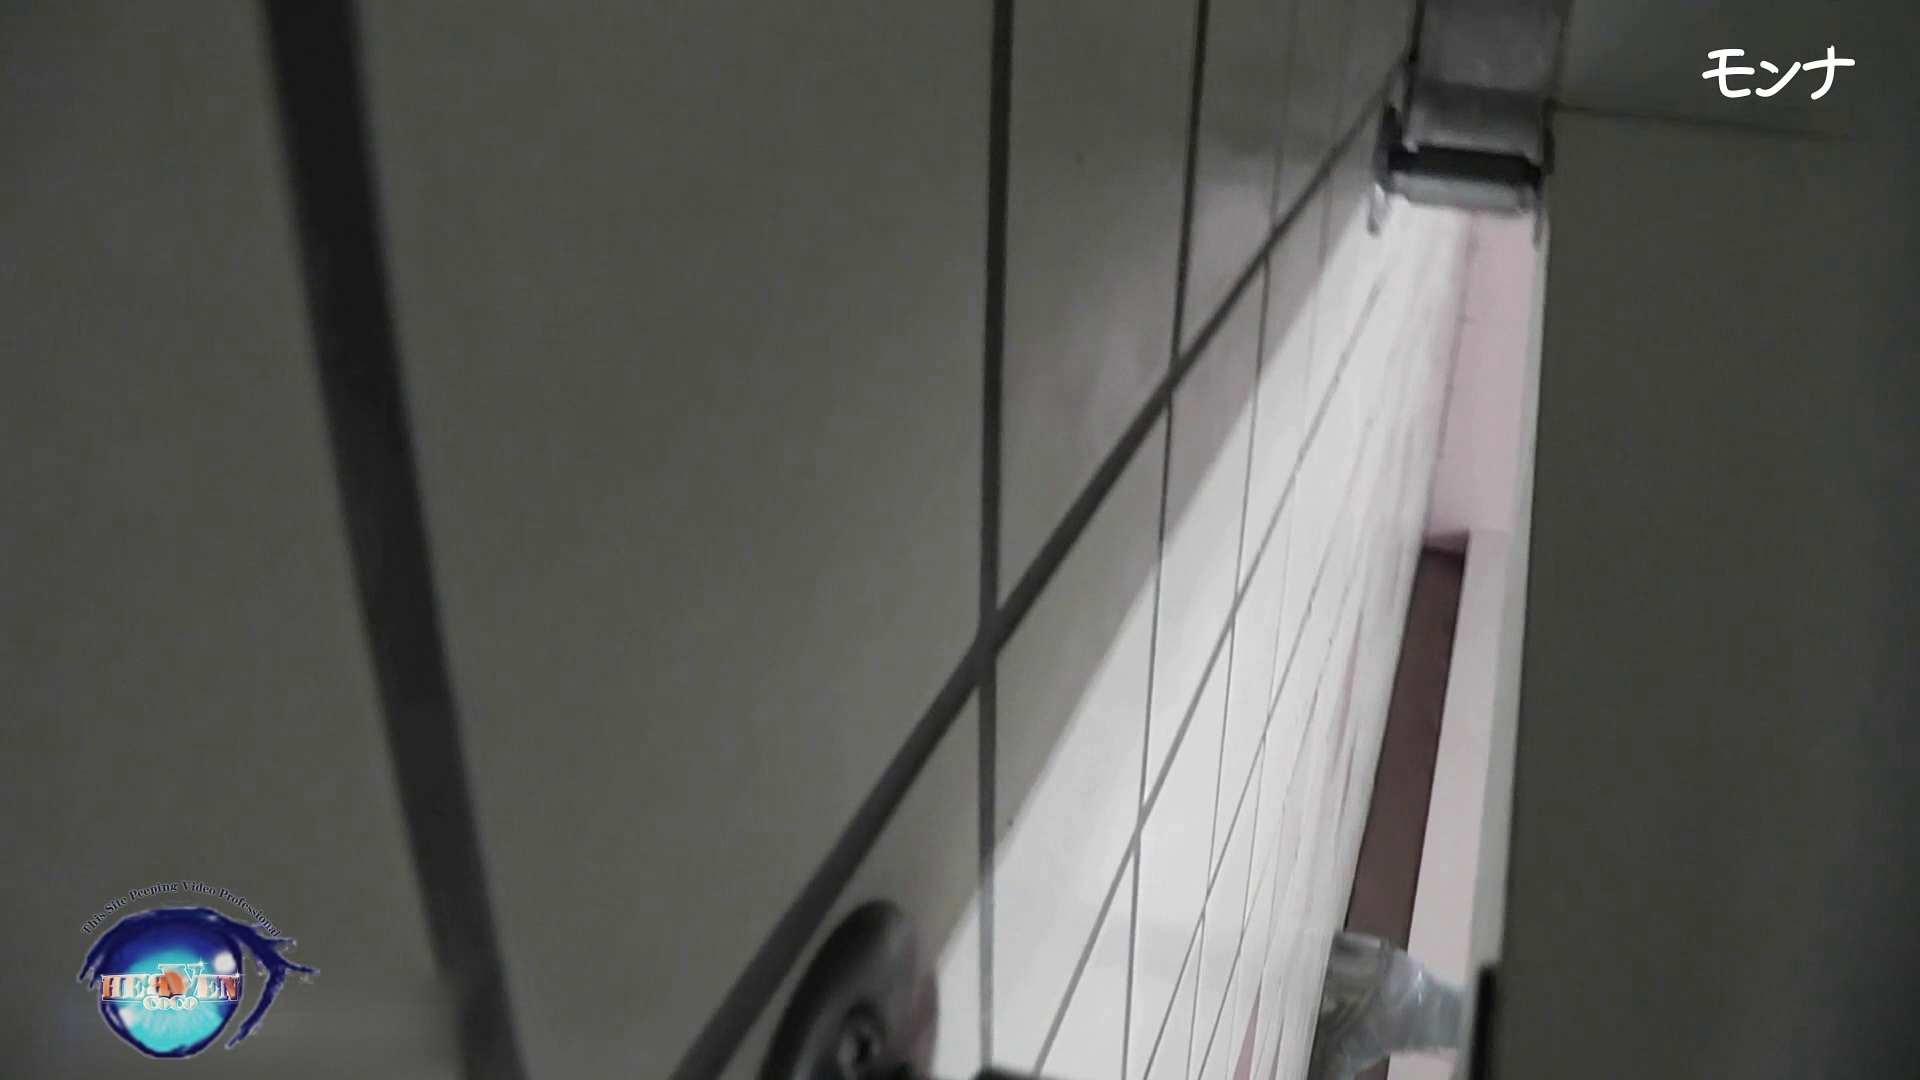 【美しい日本の未来】美しい日本の未来 No.75 たまらないくびれ 2 生え茂る モロだしオマンコ 盗撮動画紹介 70pic 3